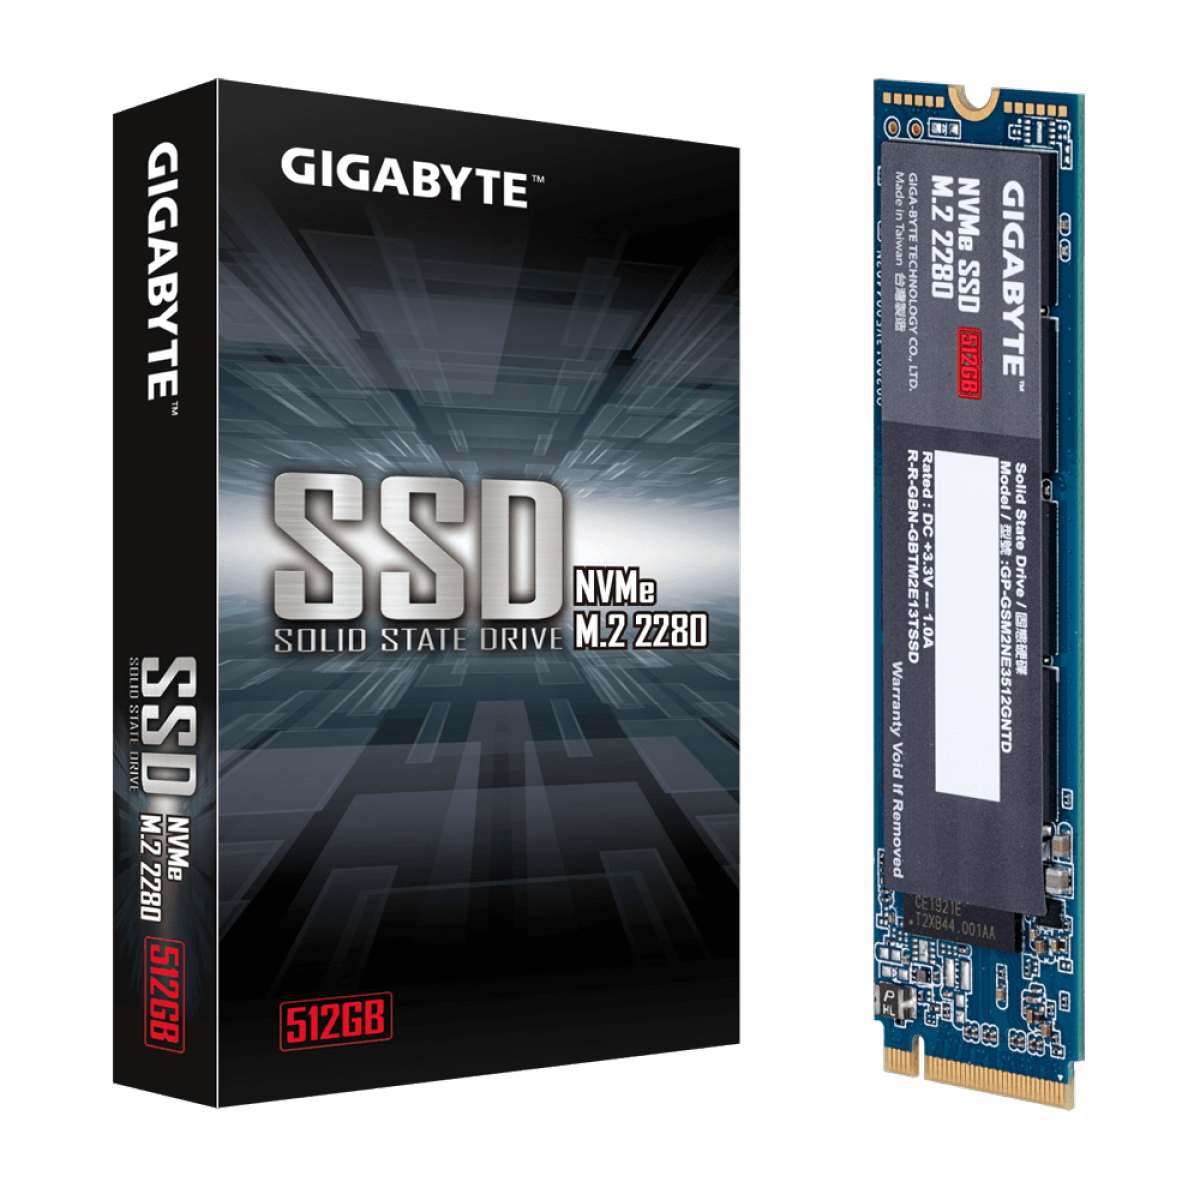 SSD Gigabyte, 512GB, M.2 2280, NVMe, Leitura 1700MBs e Gravação 1550MBs, GP-GSM2NE3512GNTD